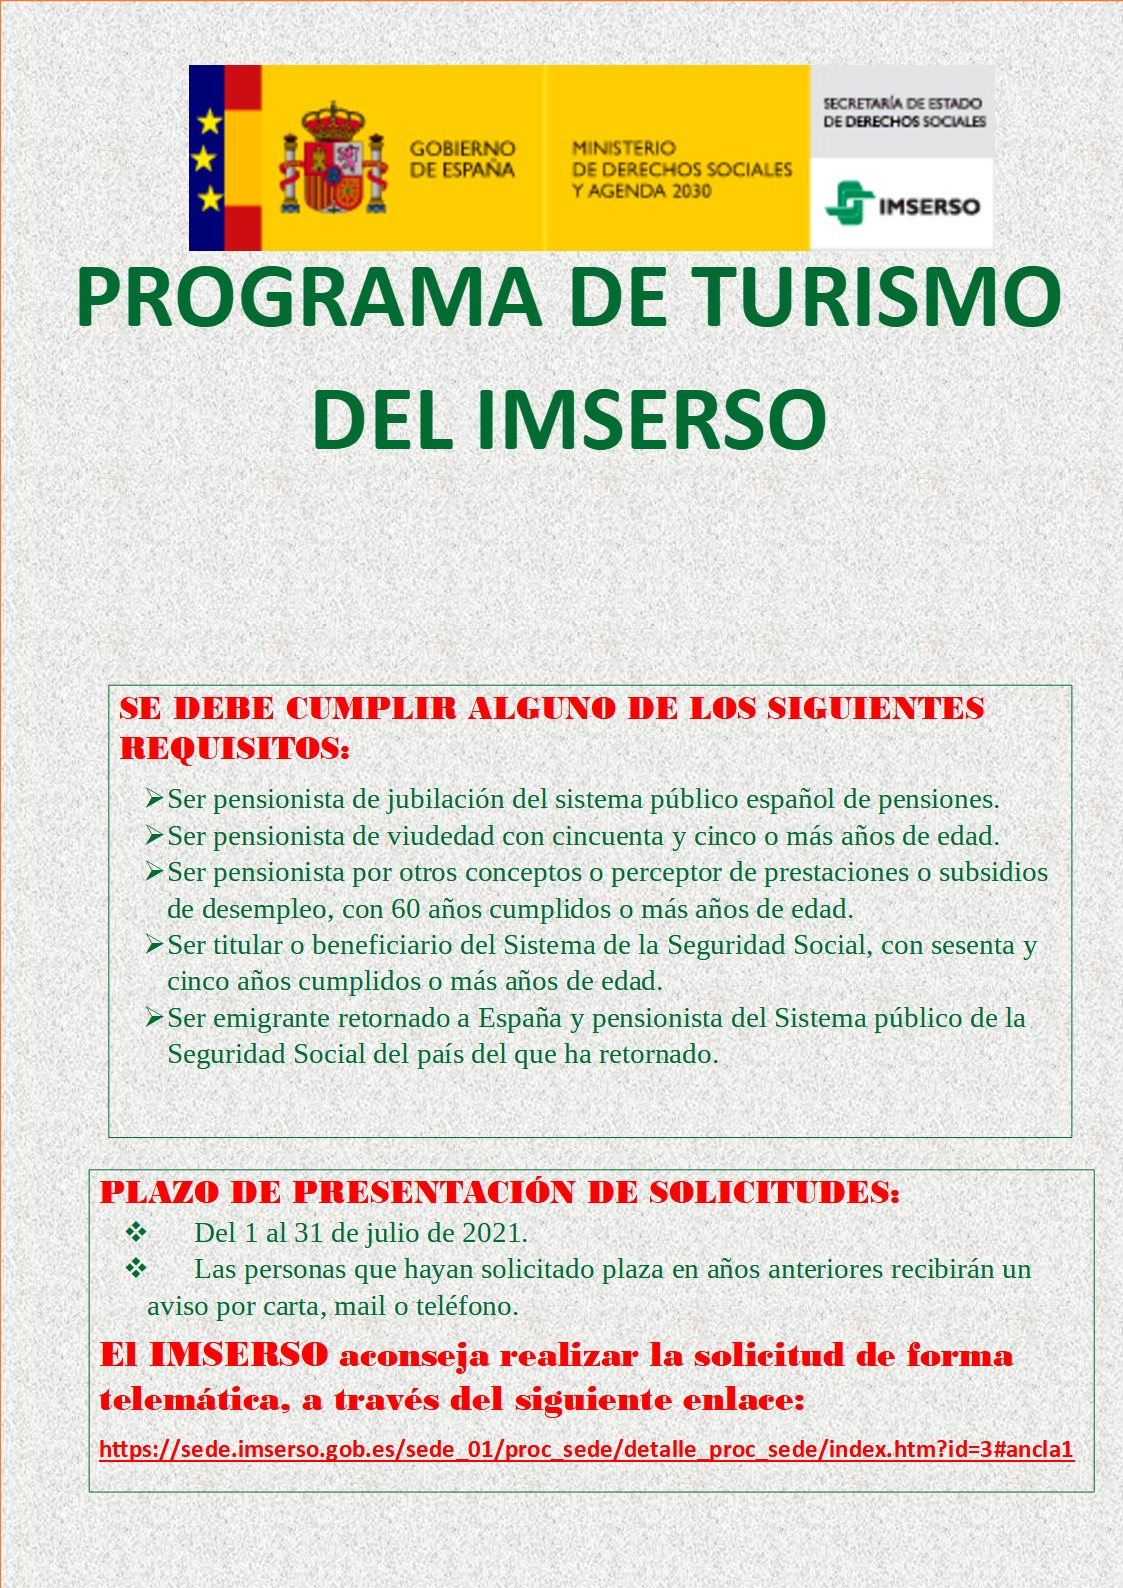 Programa de Turismo del IMSERSO